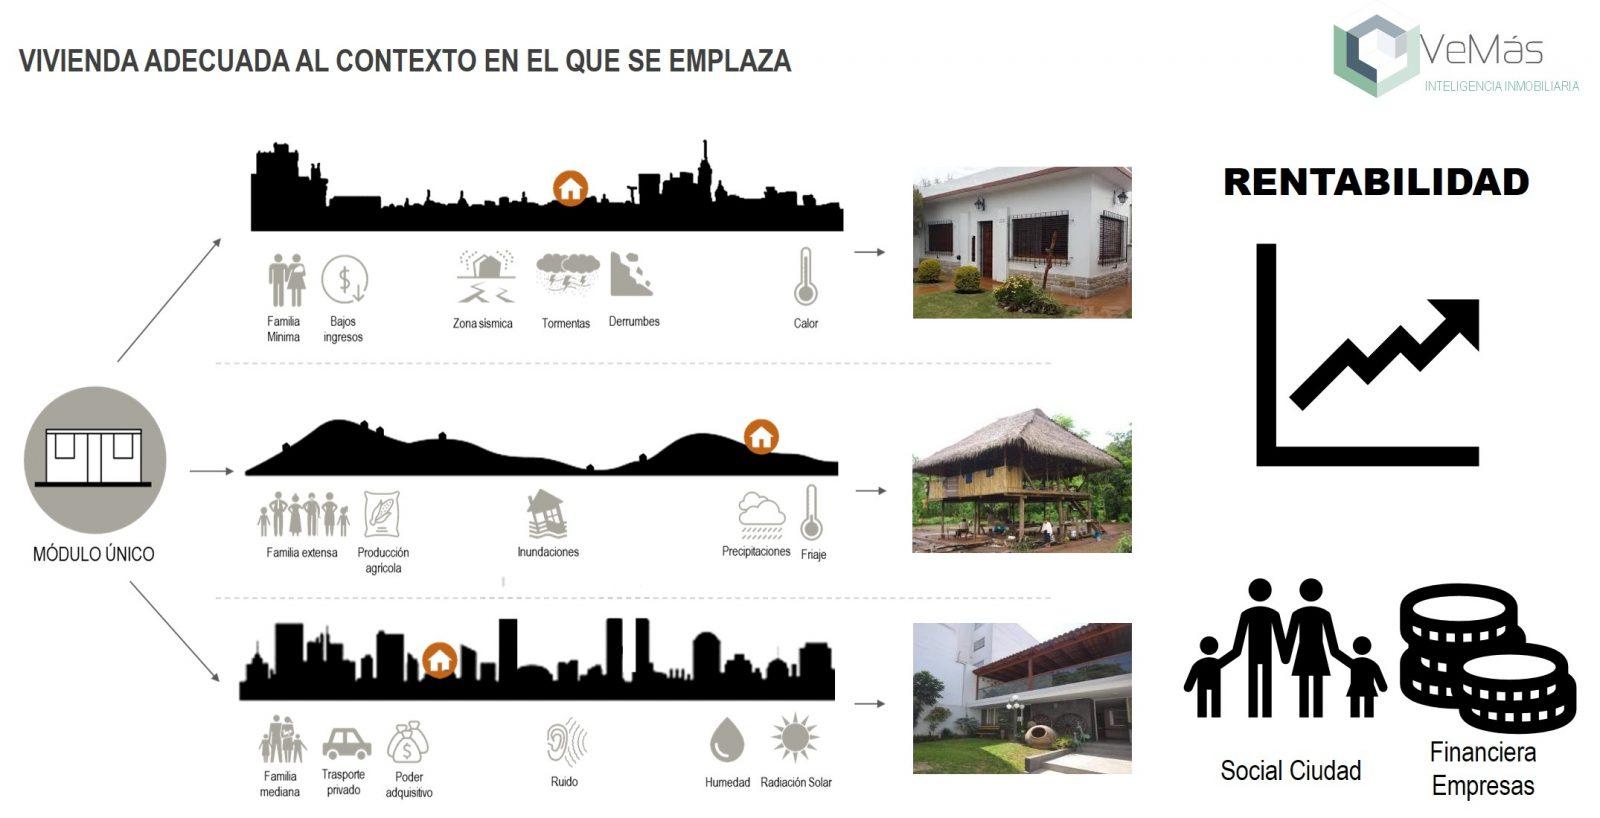 consultoria inmobiliaria urbana vivienda social